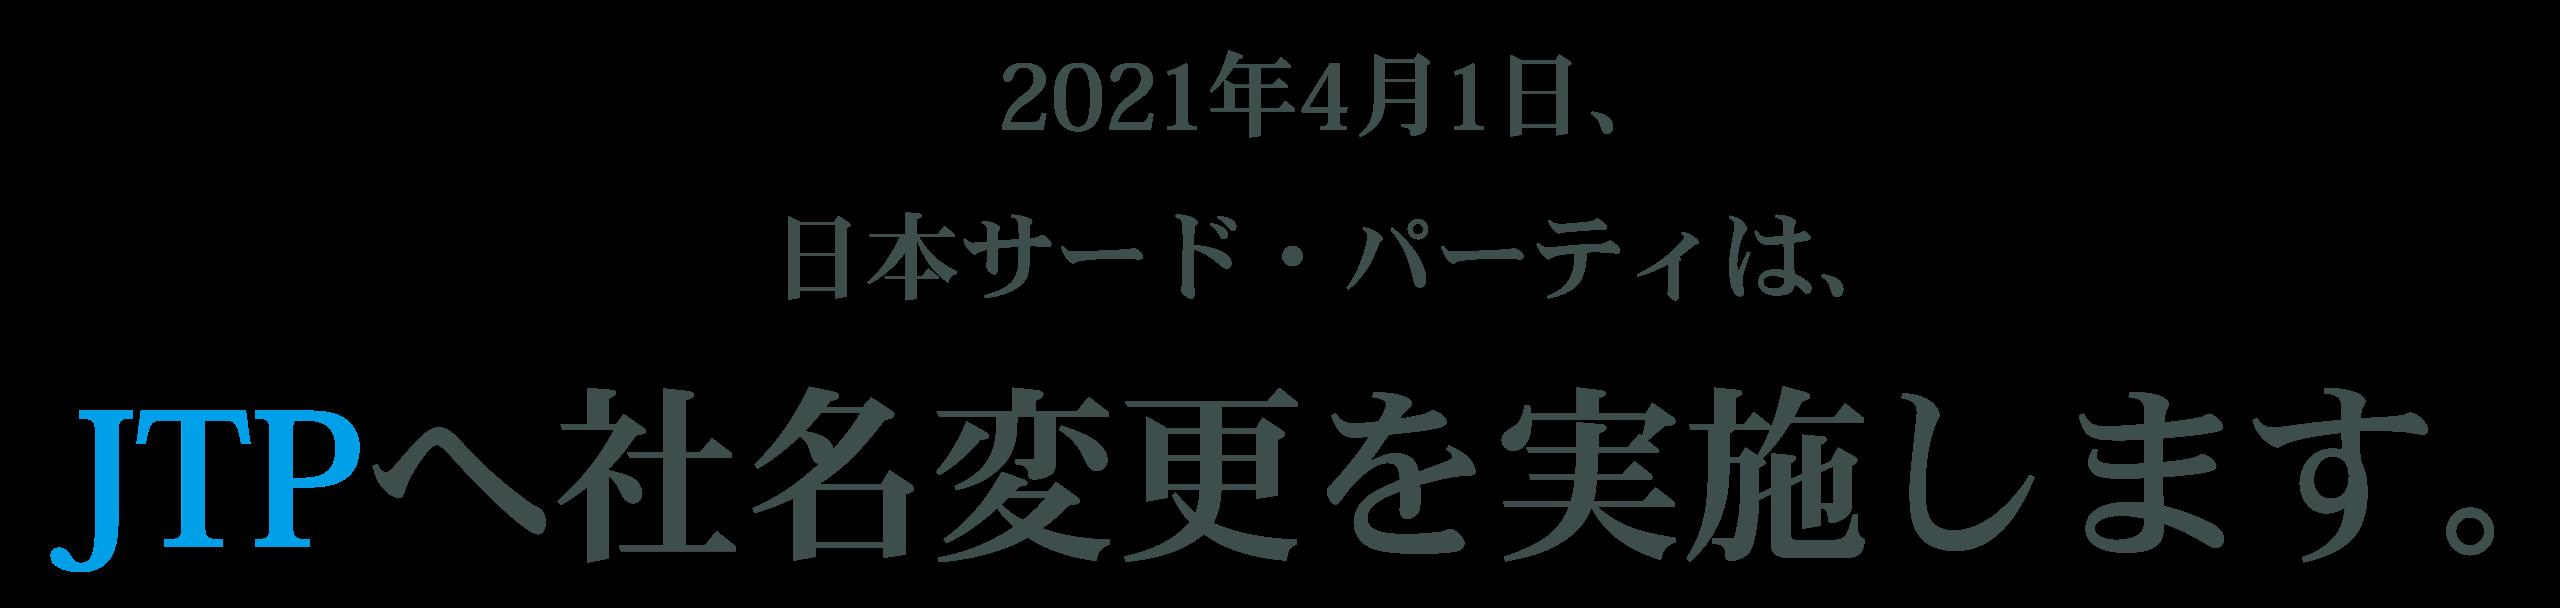 日本サード・パーティは、JTP株式会社へ社名変更を実施します。